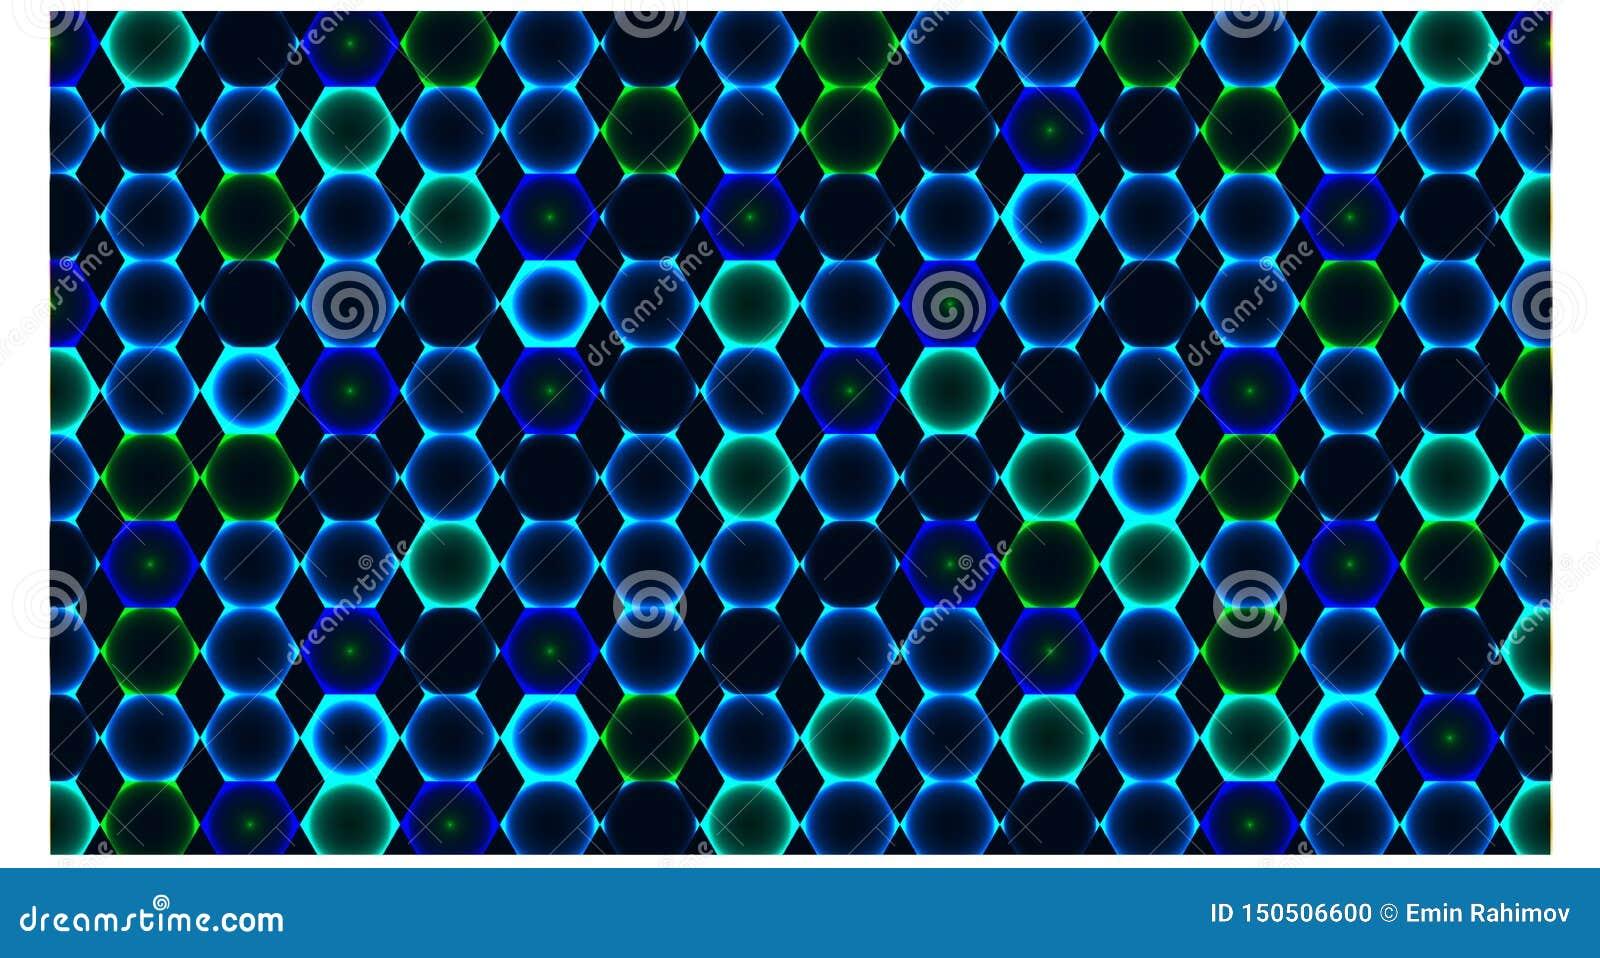 Hintergrund mit vielen blaue Farbe des Hexagons - Vektorillustration